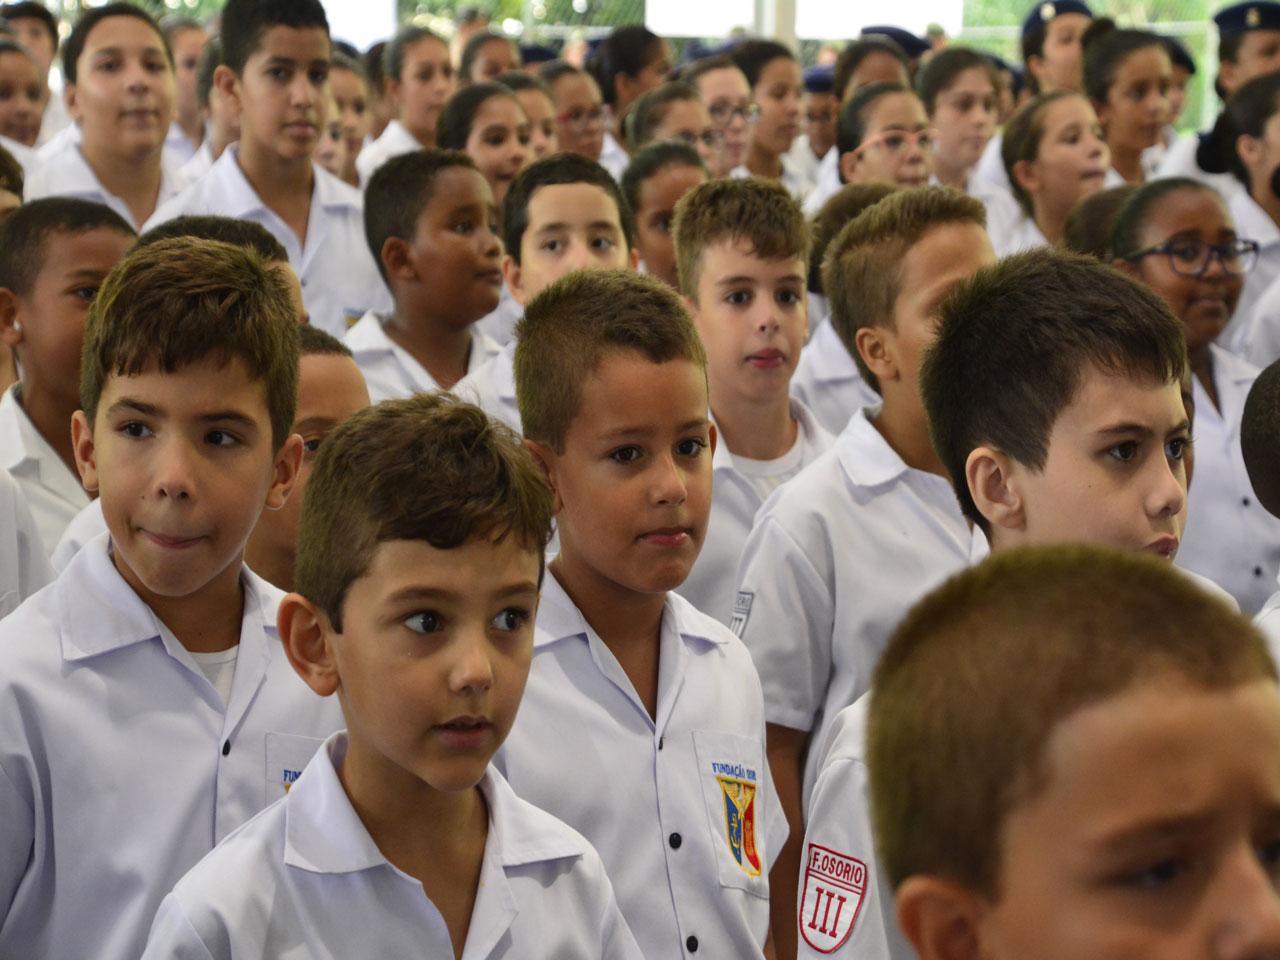 Fundação Osorio, tradicional escola pública federal vinculada ao CML, recepciona novos alunos de 2019